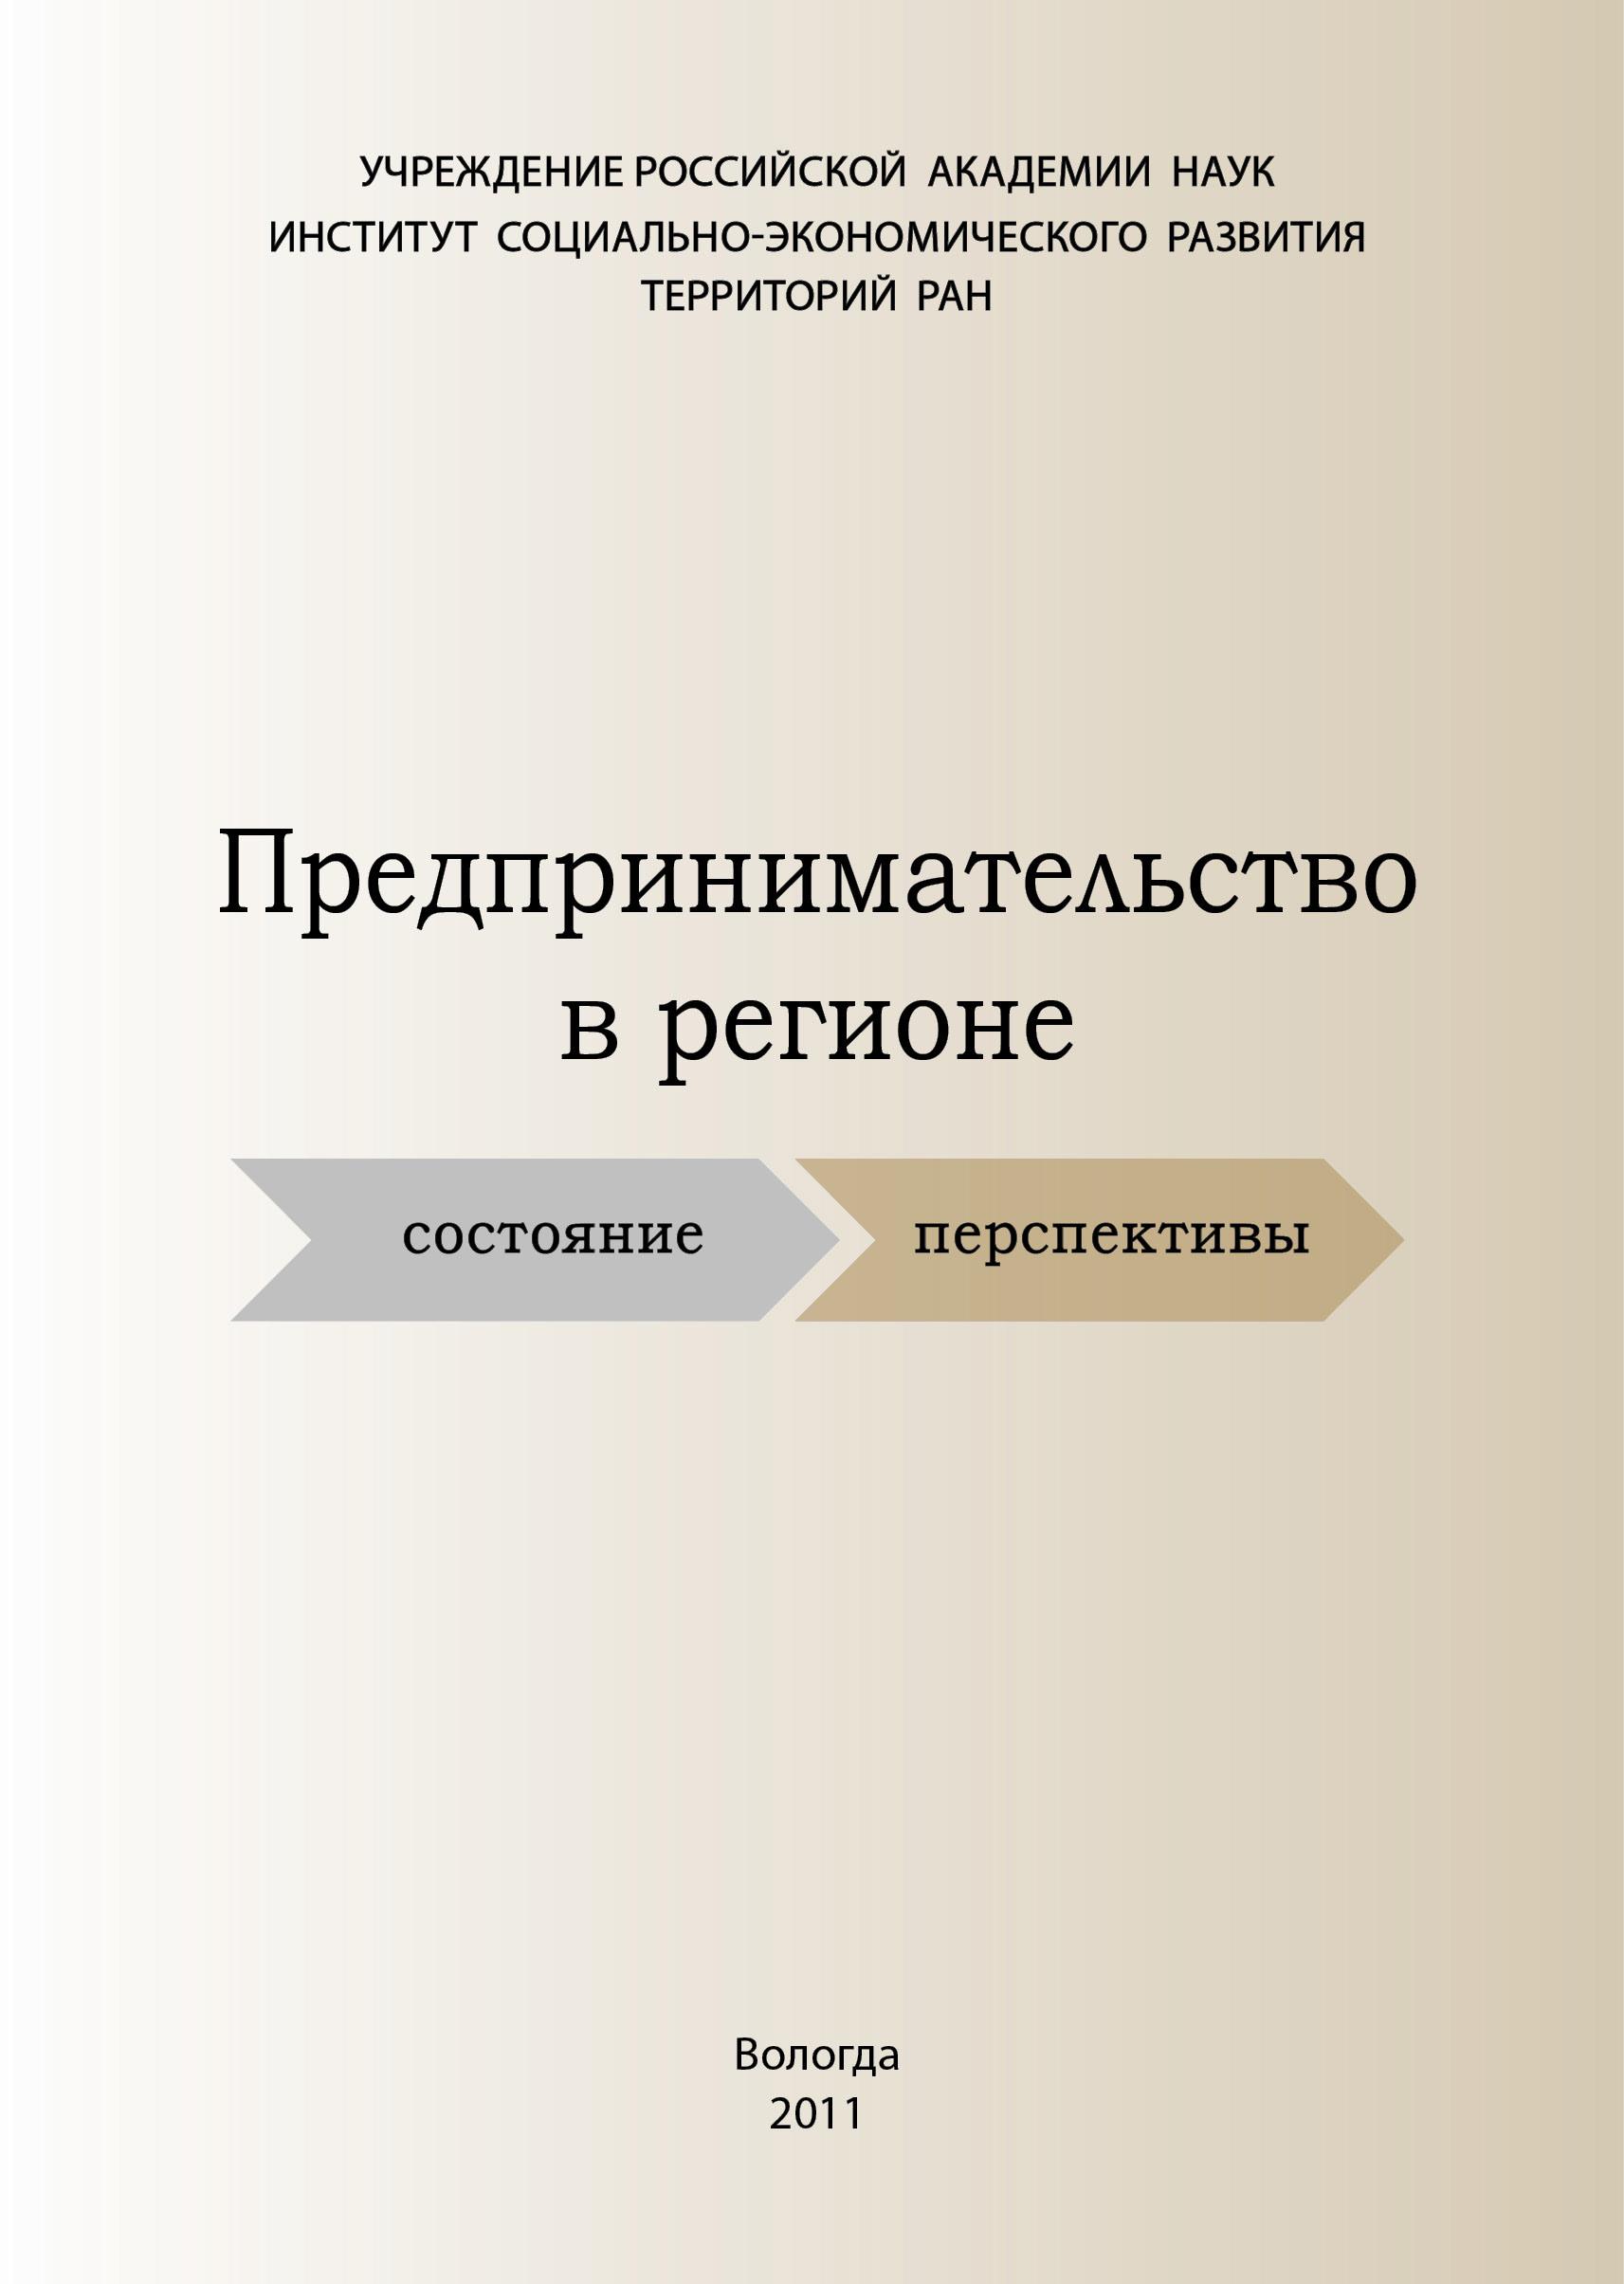 Обложка книги. Автор - Владимир Усков